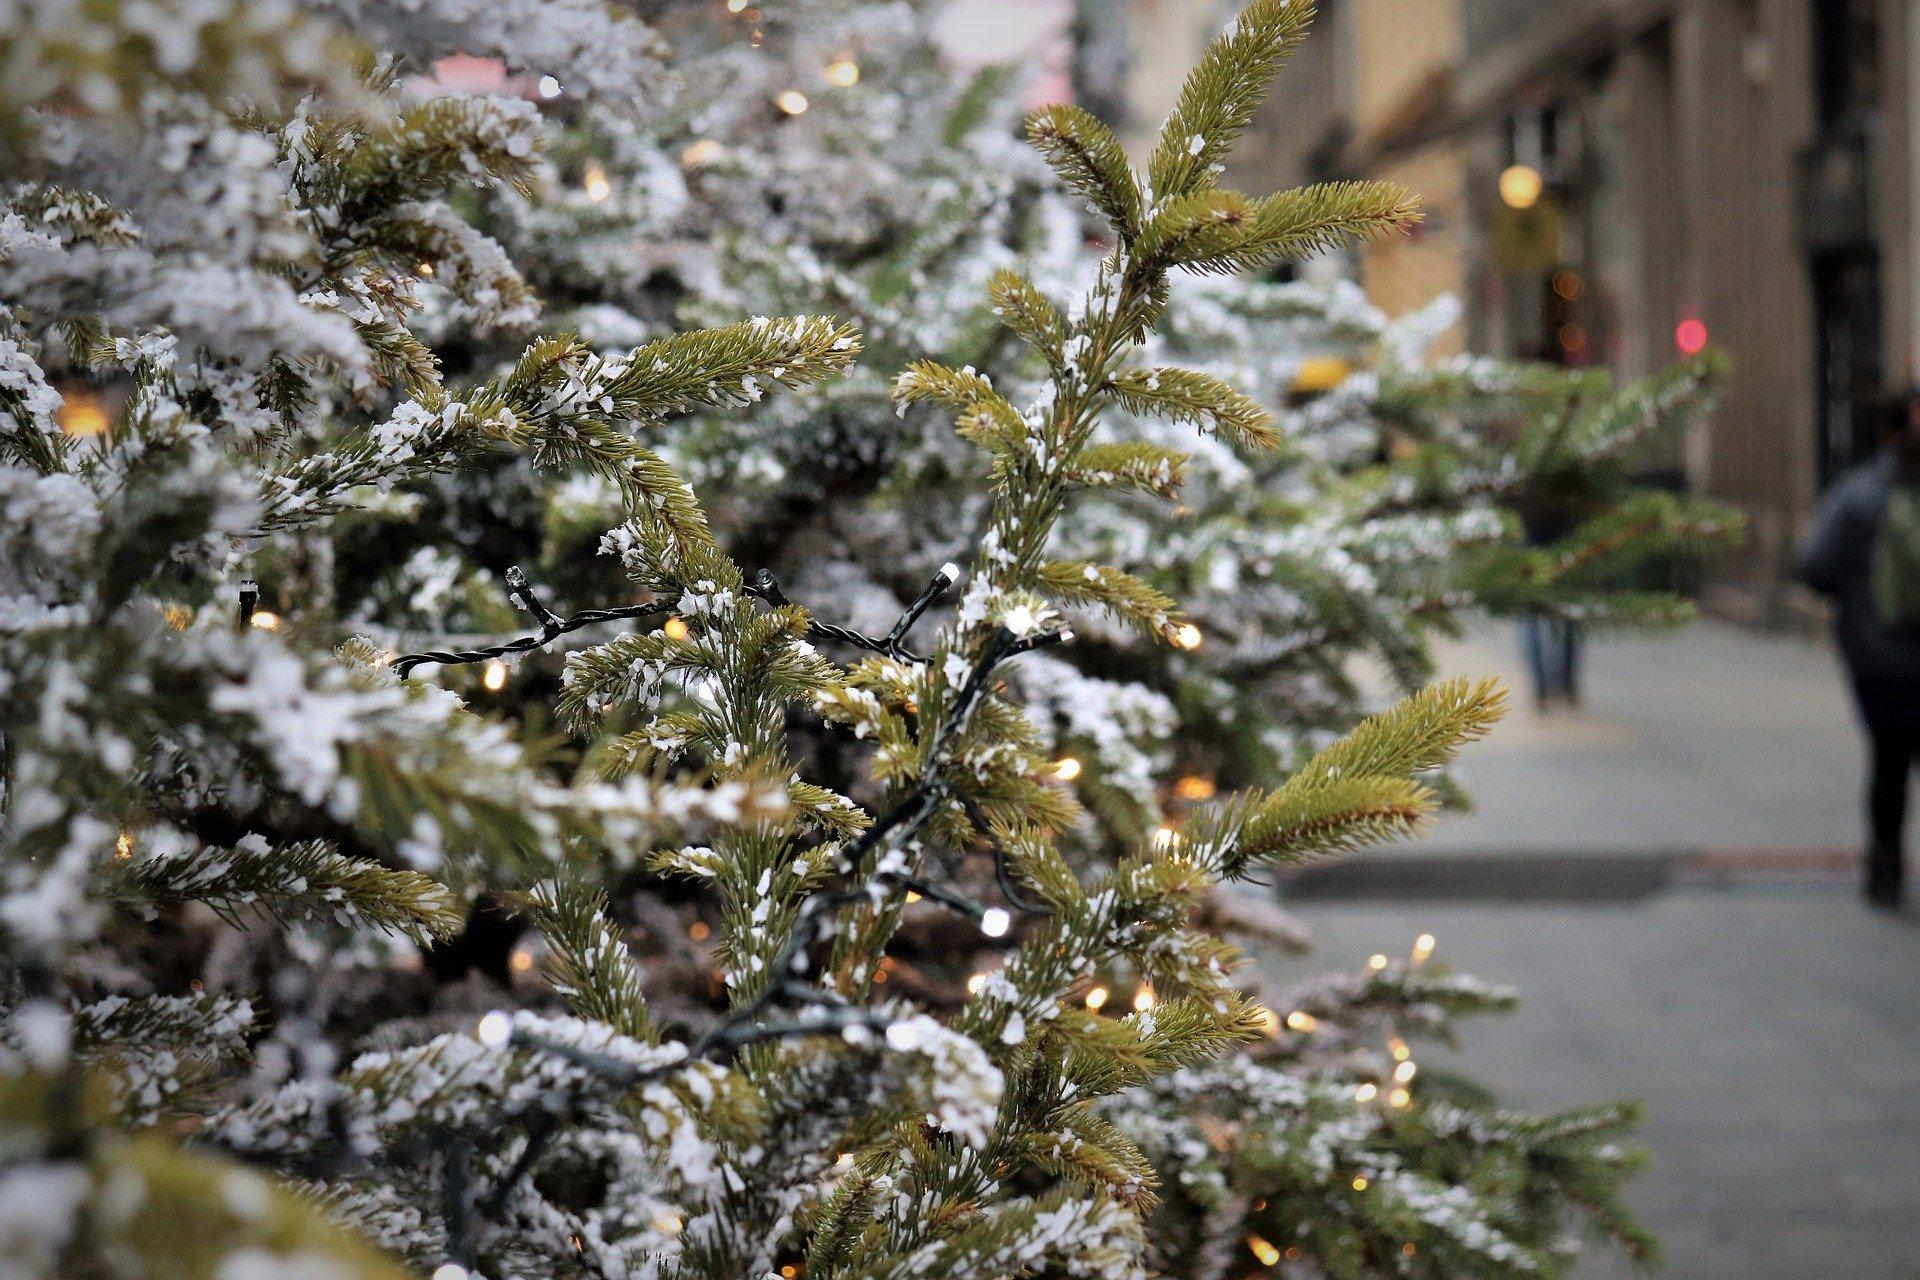 Kerstbomen inzamelen voor geld, prijzen en traditionele brandstapel